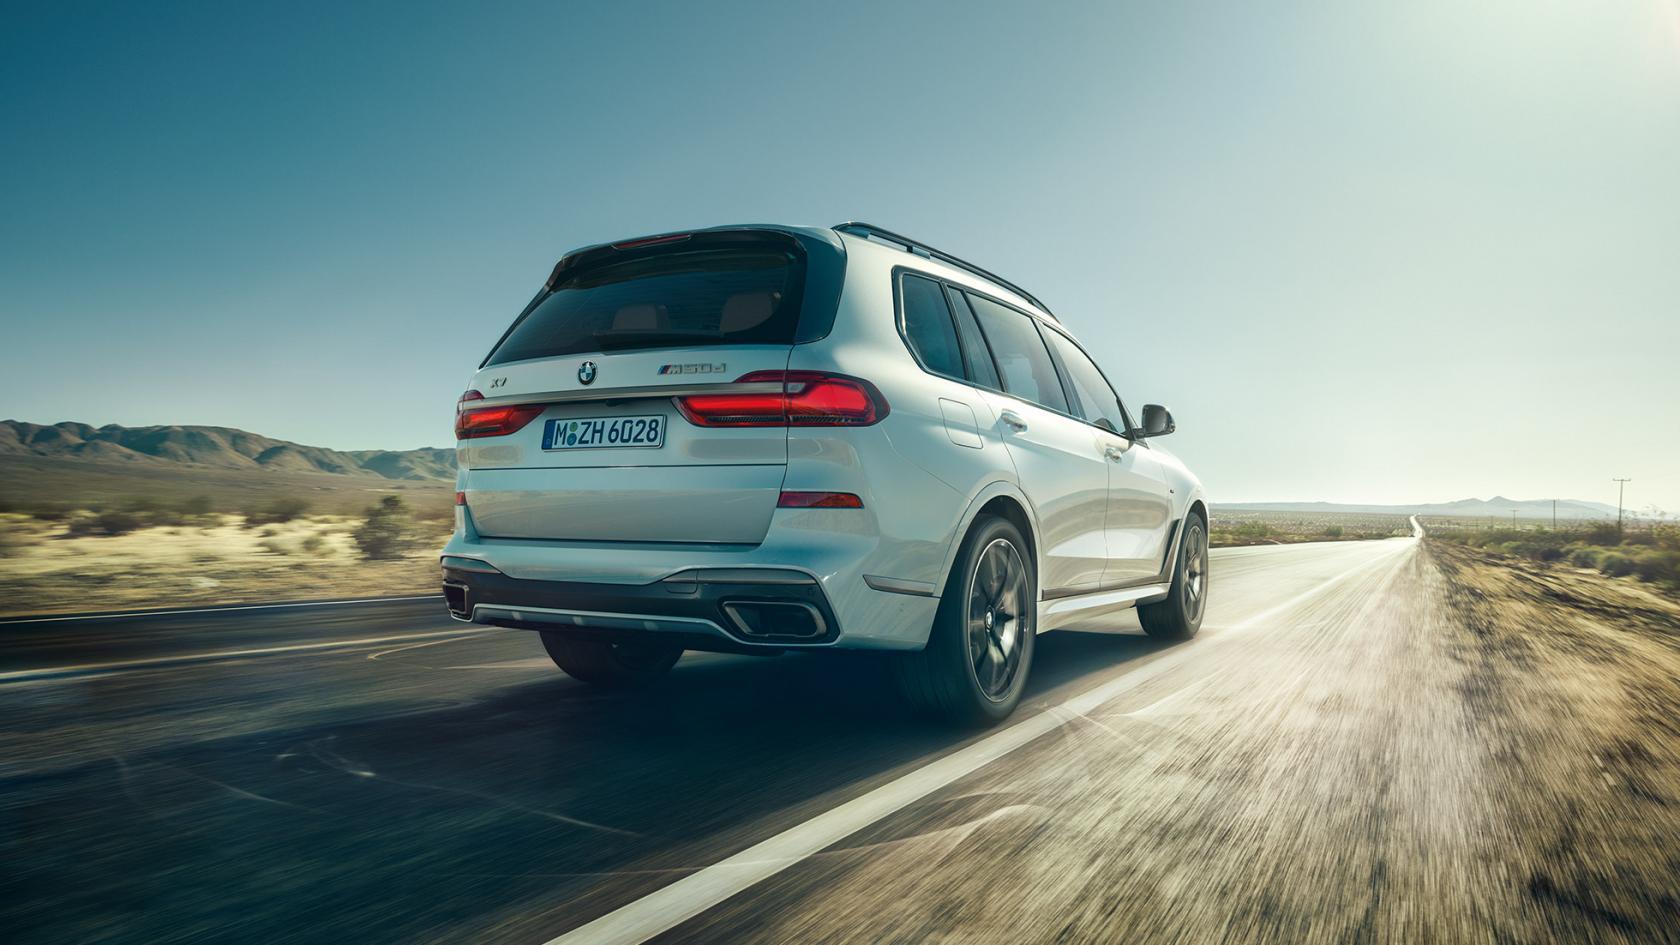 X7-le-nouveau-SUV-XXL-de-BMW-11.jpeg